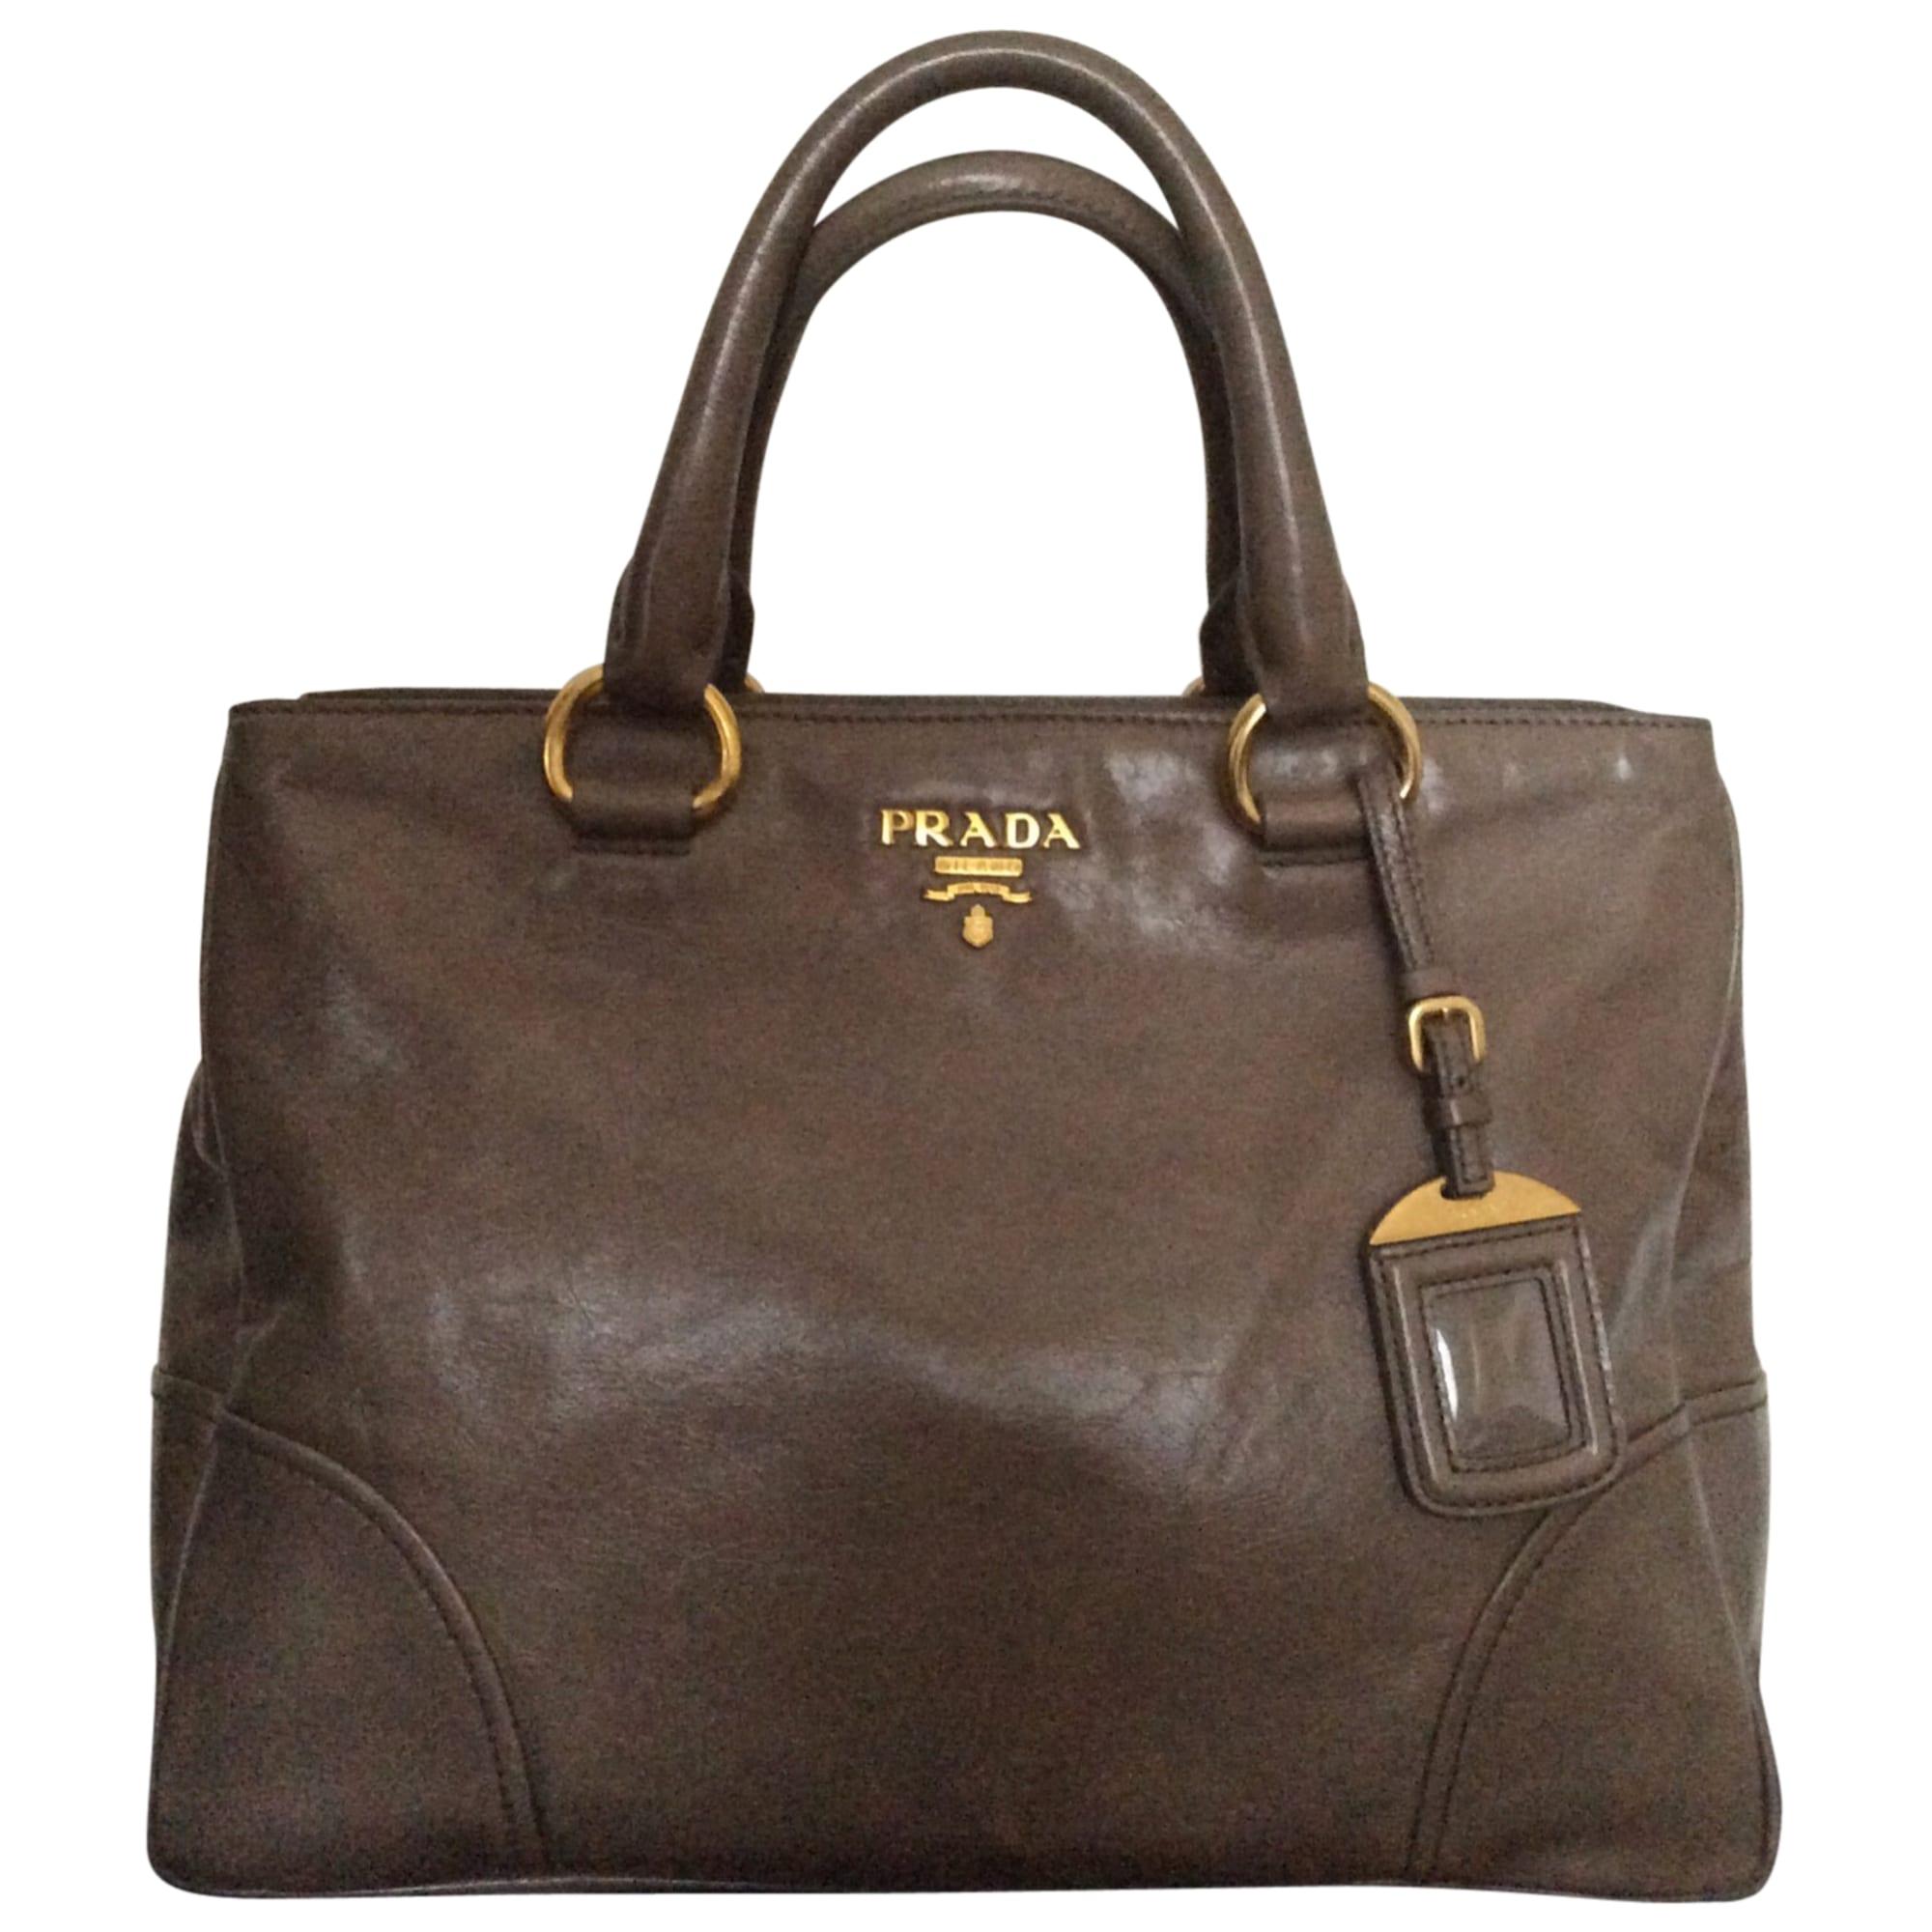 b21d3734d7 Sac à main en cuir PRADA taupe-marron glace´ vendu par Yvette 232 ...